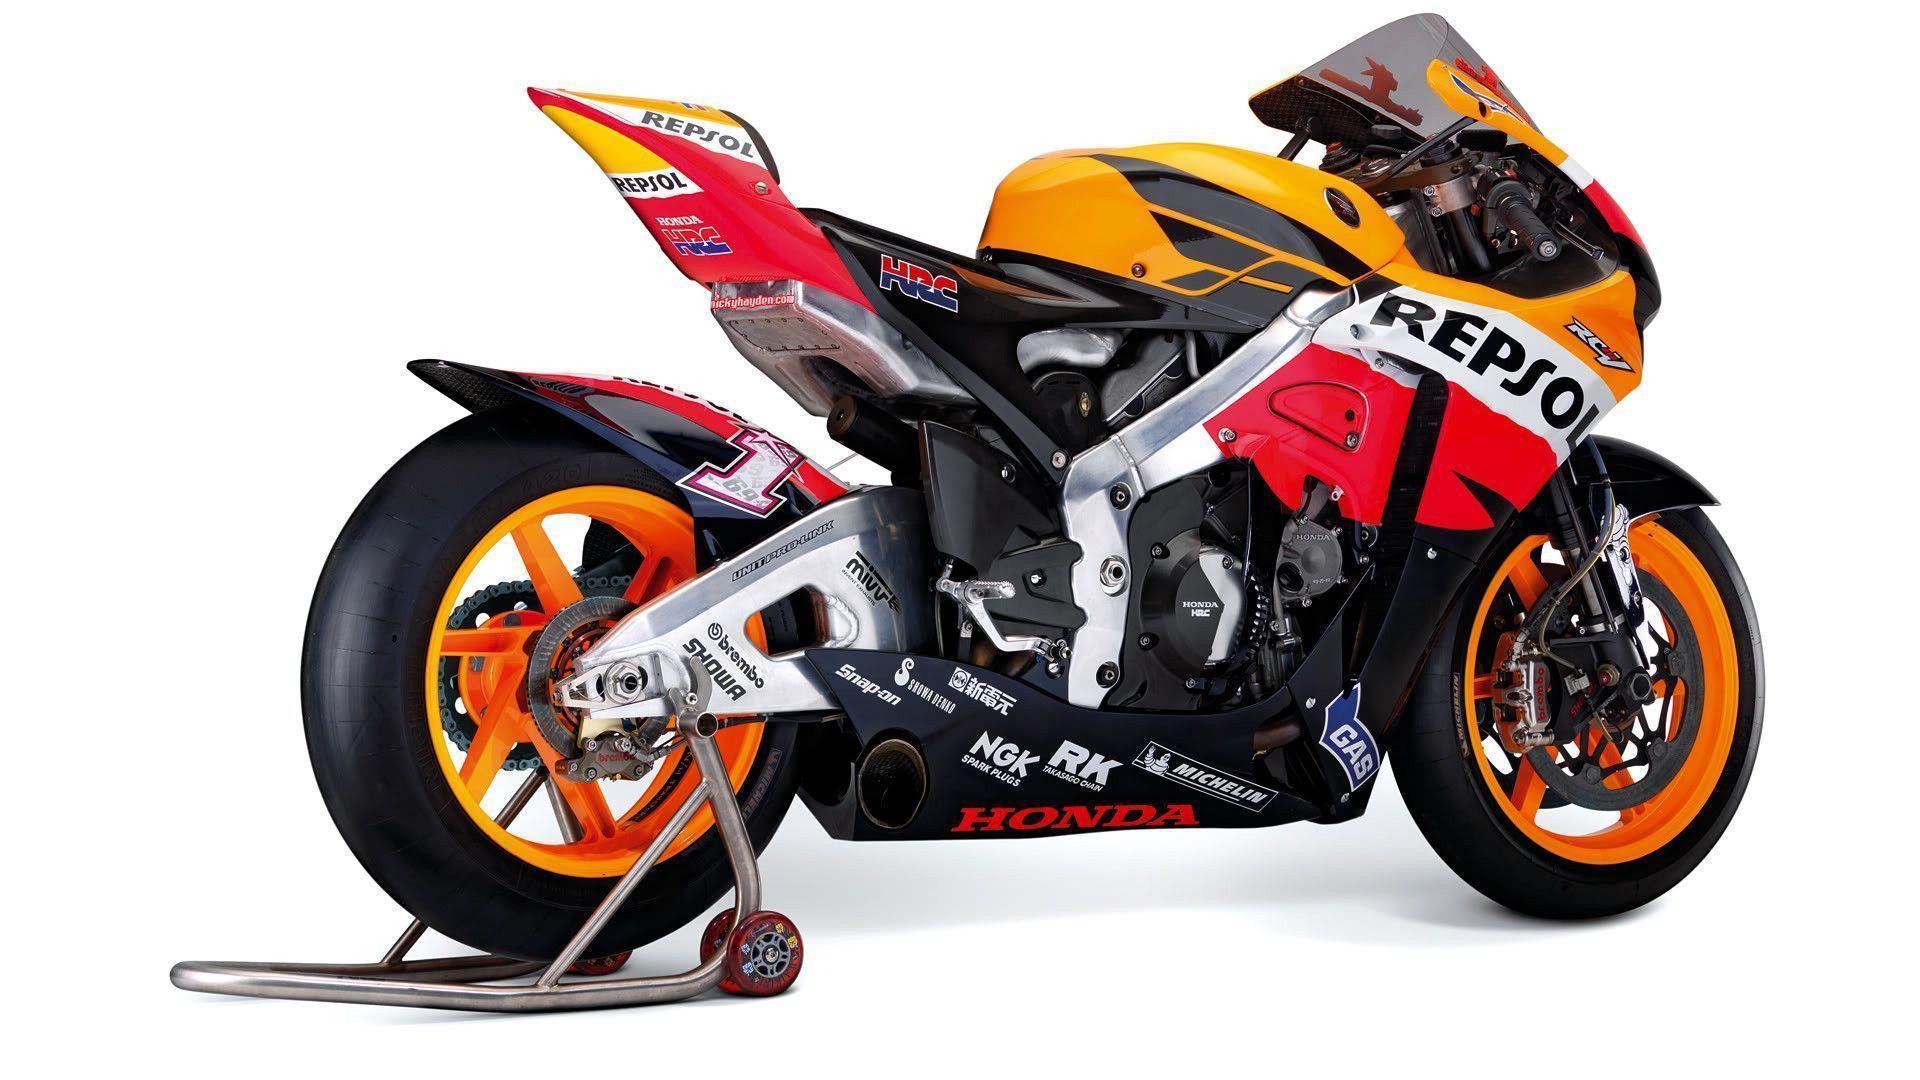 Honda Racing Moto Gp: Moto GP Bikes Wallpapers